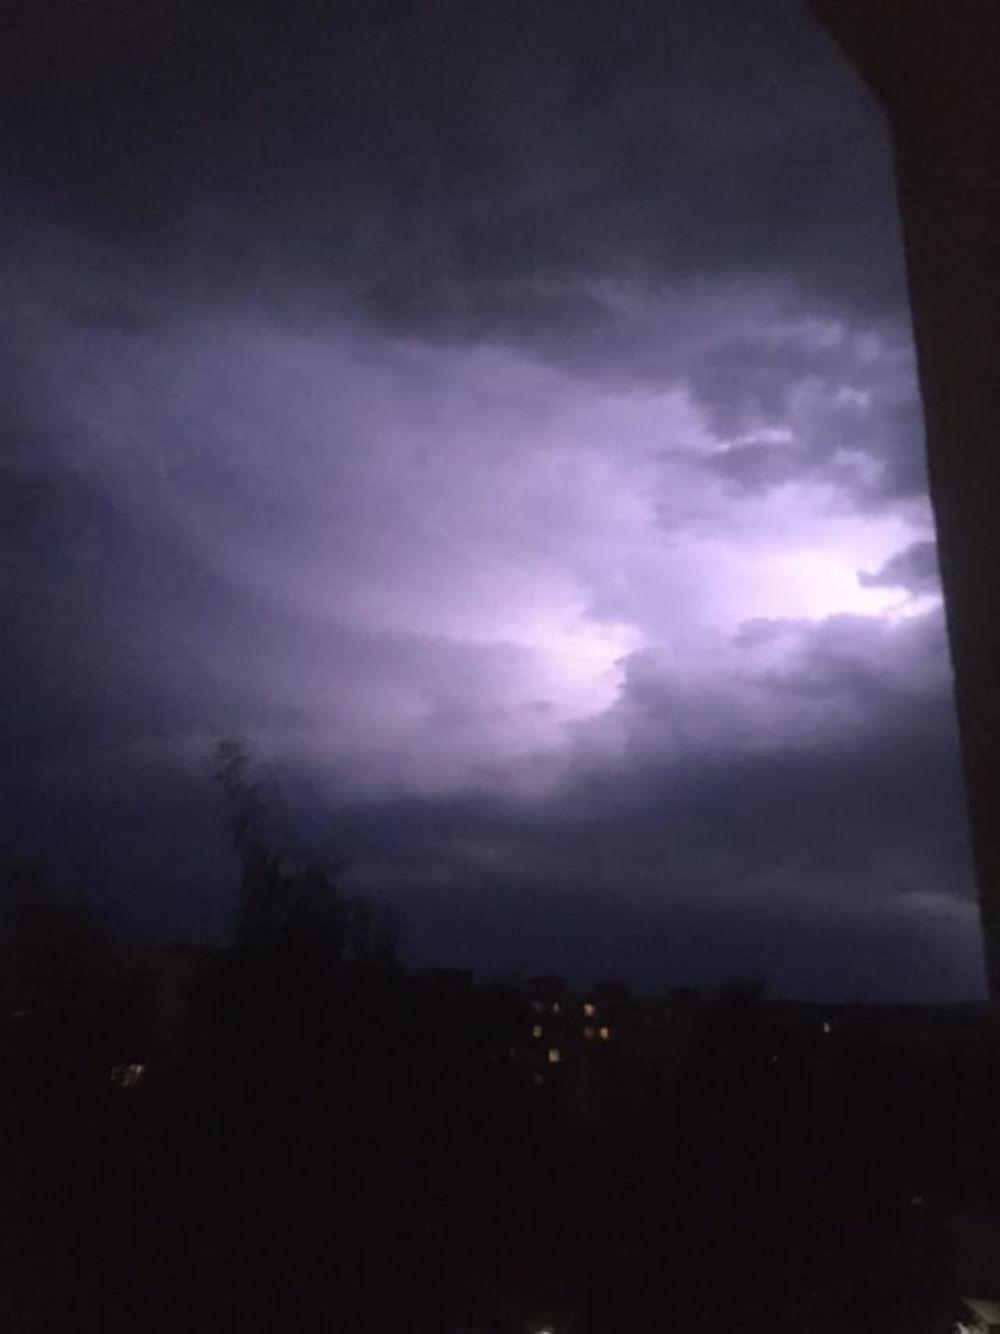 FOTO: Búrka, ktorá v utorok 28. júla zasiahla Žilinský kraj, na záberoch od čitateľov, foto 2